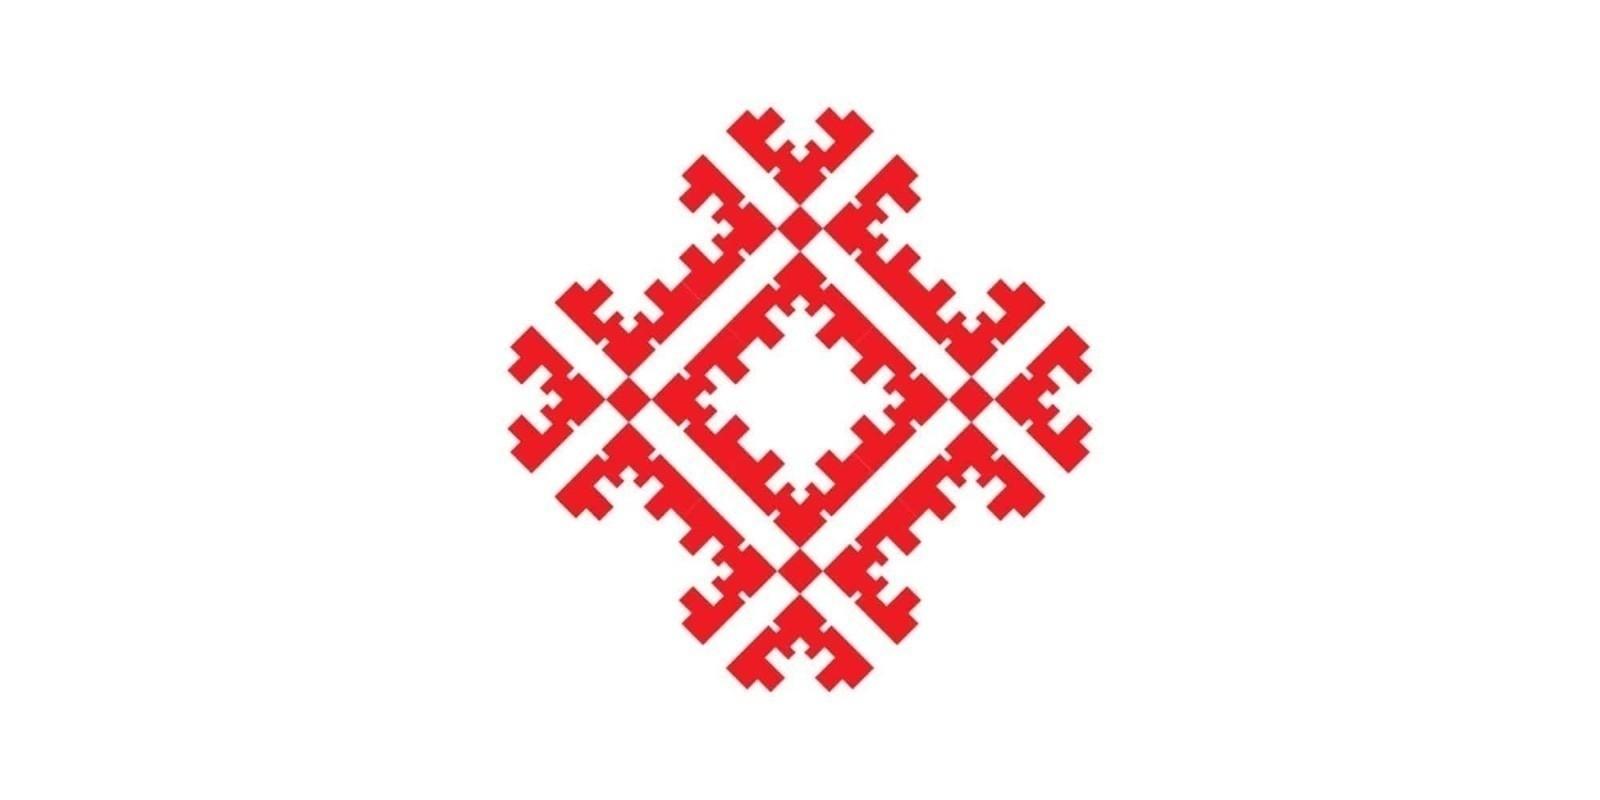 Felicitari de Craciun care spun o poveste, traditional motif